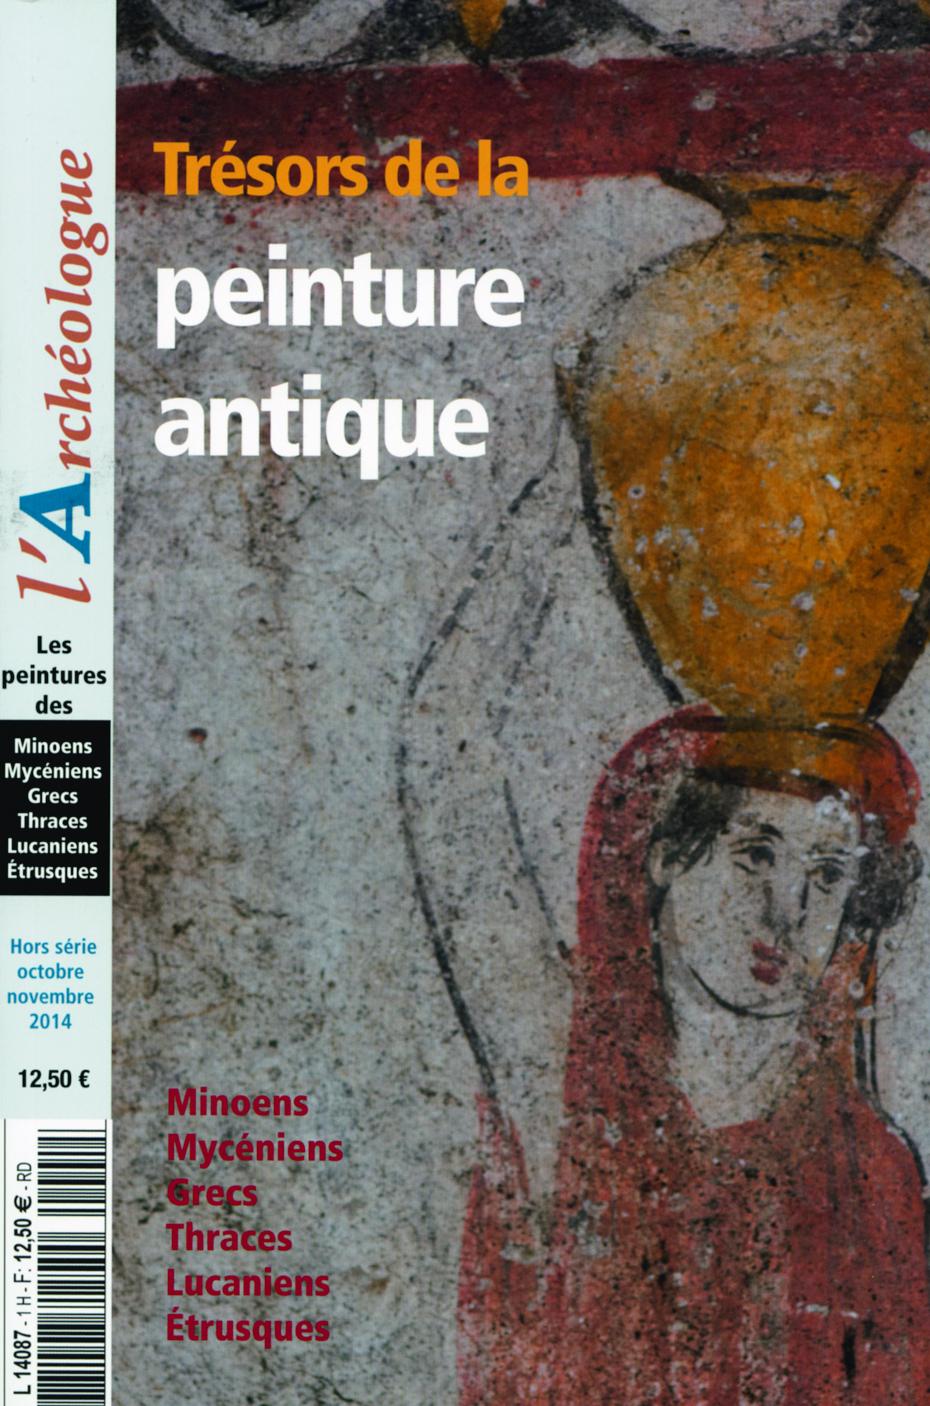 Trésors de la peinture antique